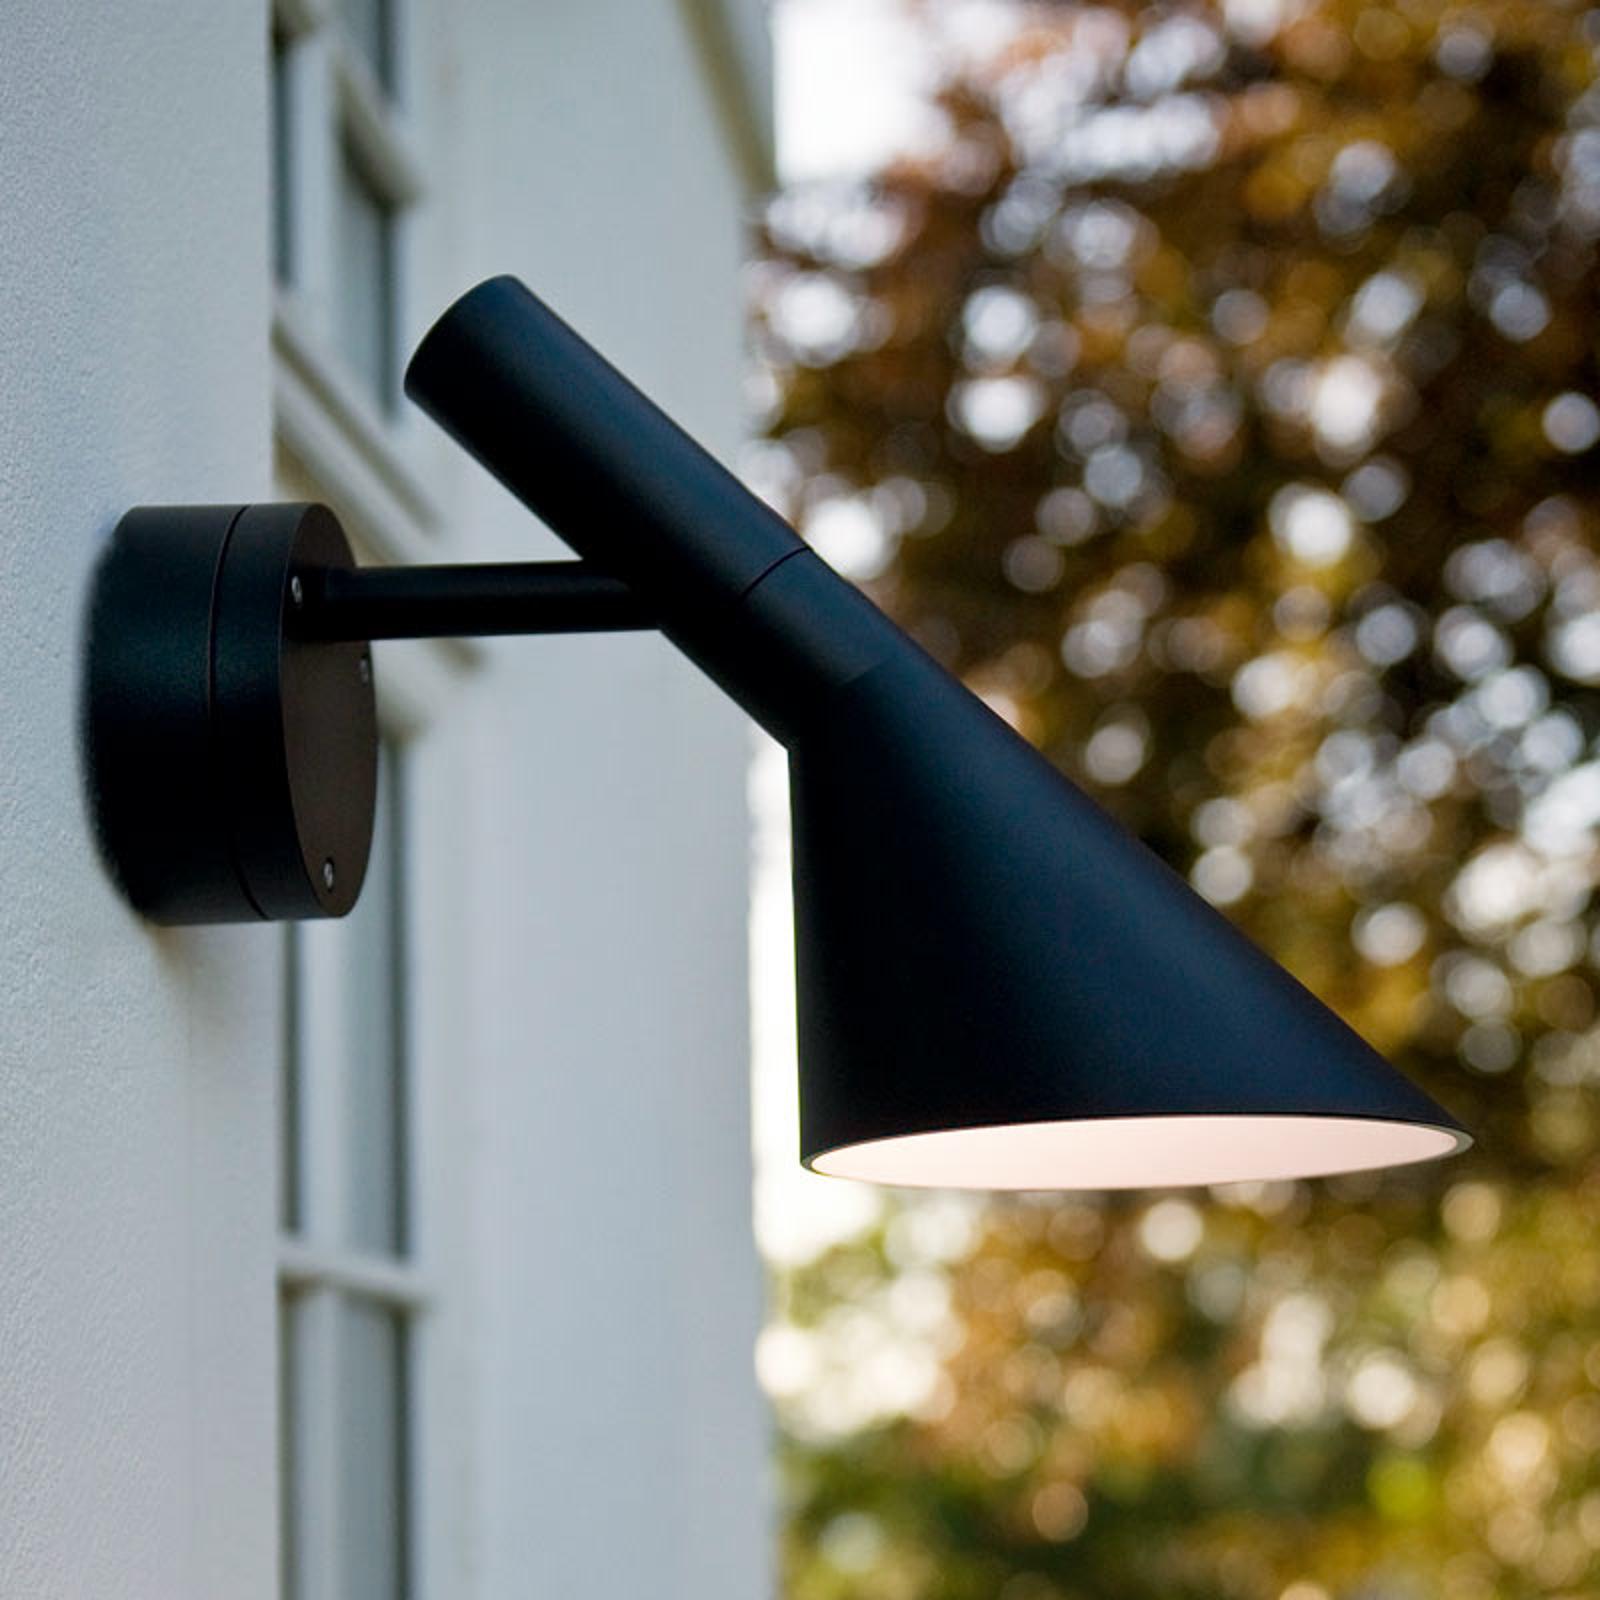 LED buiten wandlamp AJ 50, zw. gestructureerd